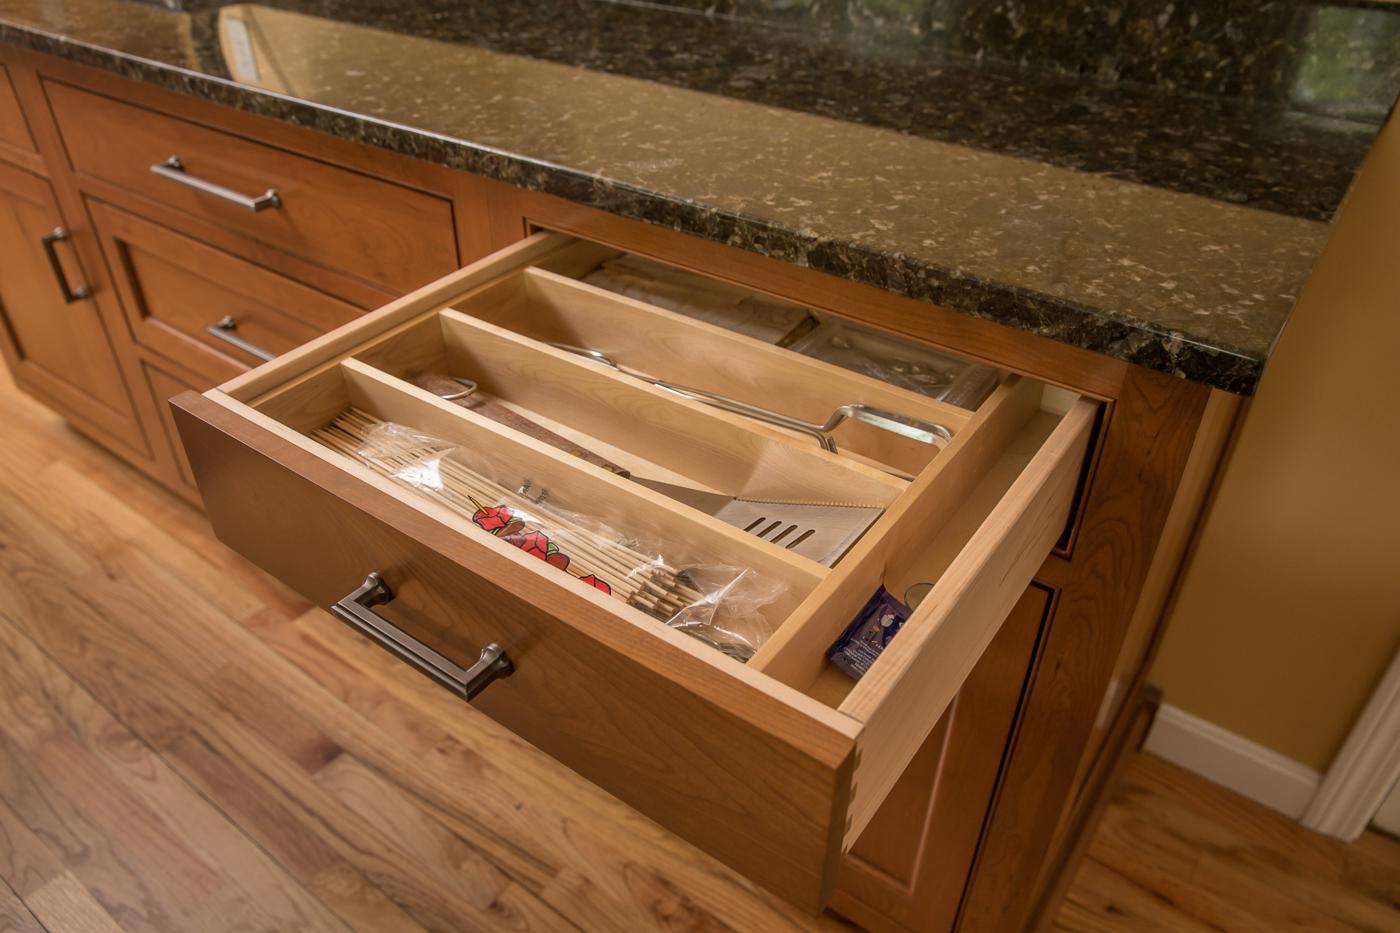 Kitchen drawer silverware wood organizer